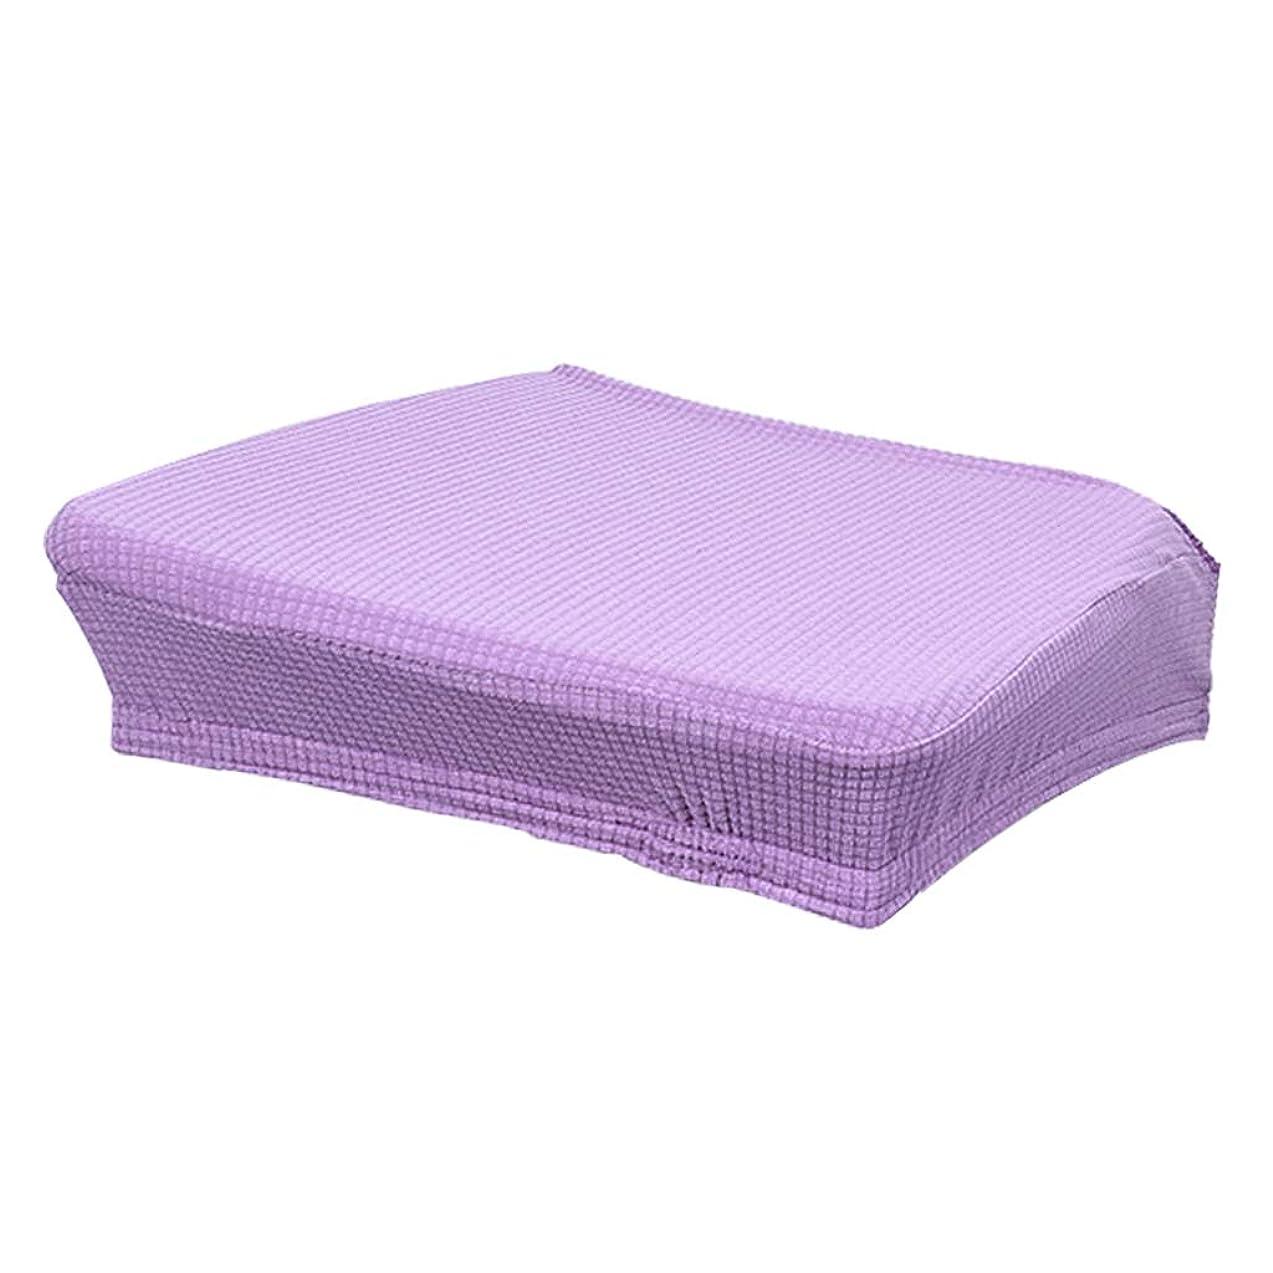 保証悪意成熟チェアカバー 椅子カバー 座面カバー ダイニングチェアカバー ホテル用品 防水 全5色 - パープル